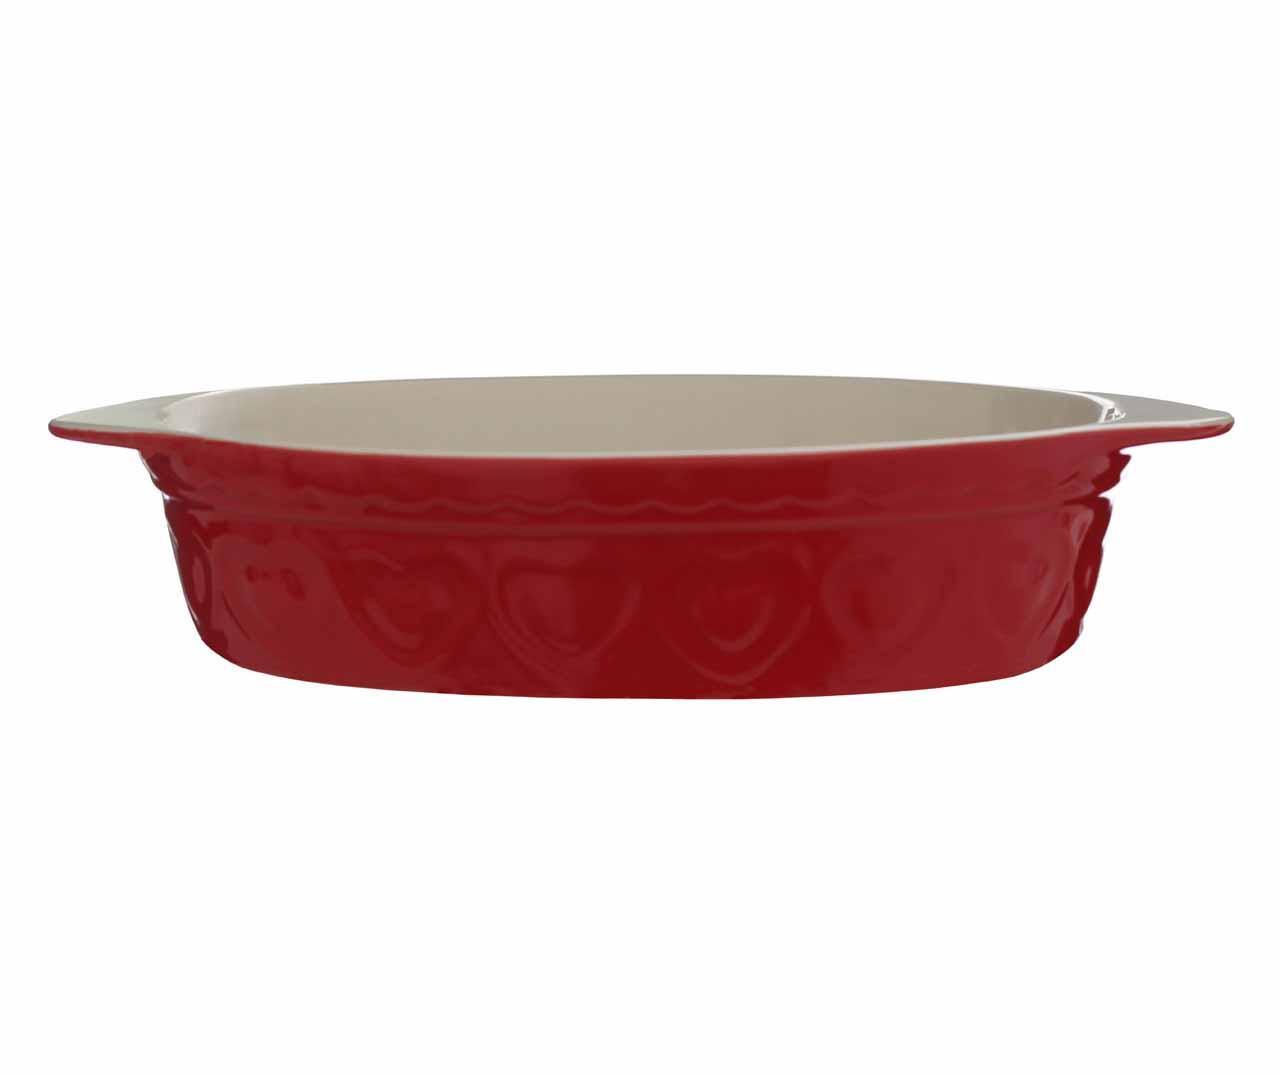 Pastel Hearts Oval Red Sütőedény 1.4 L